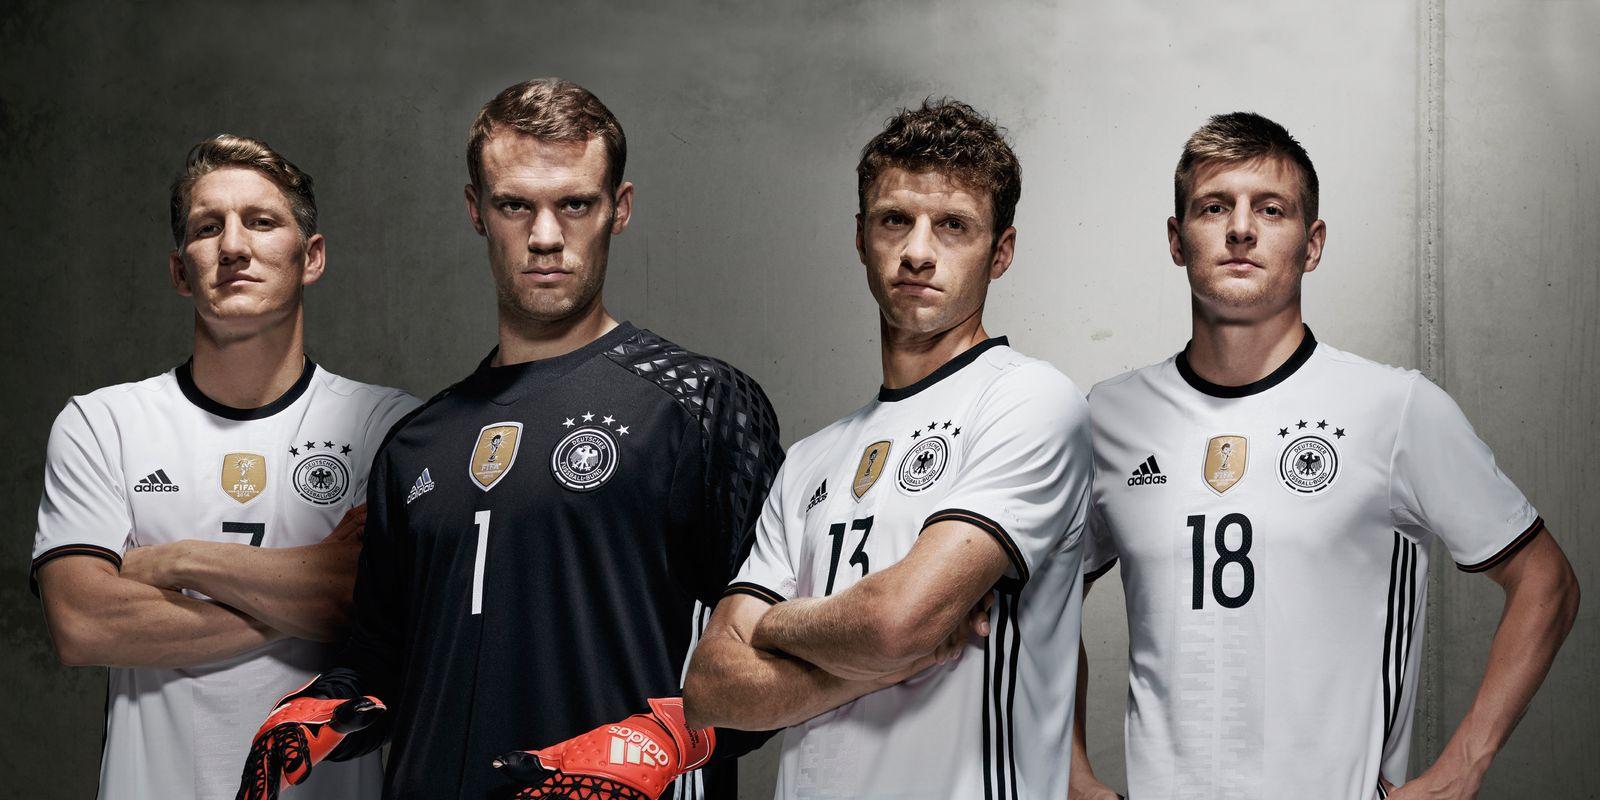 Adidas / EM / DFB